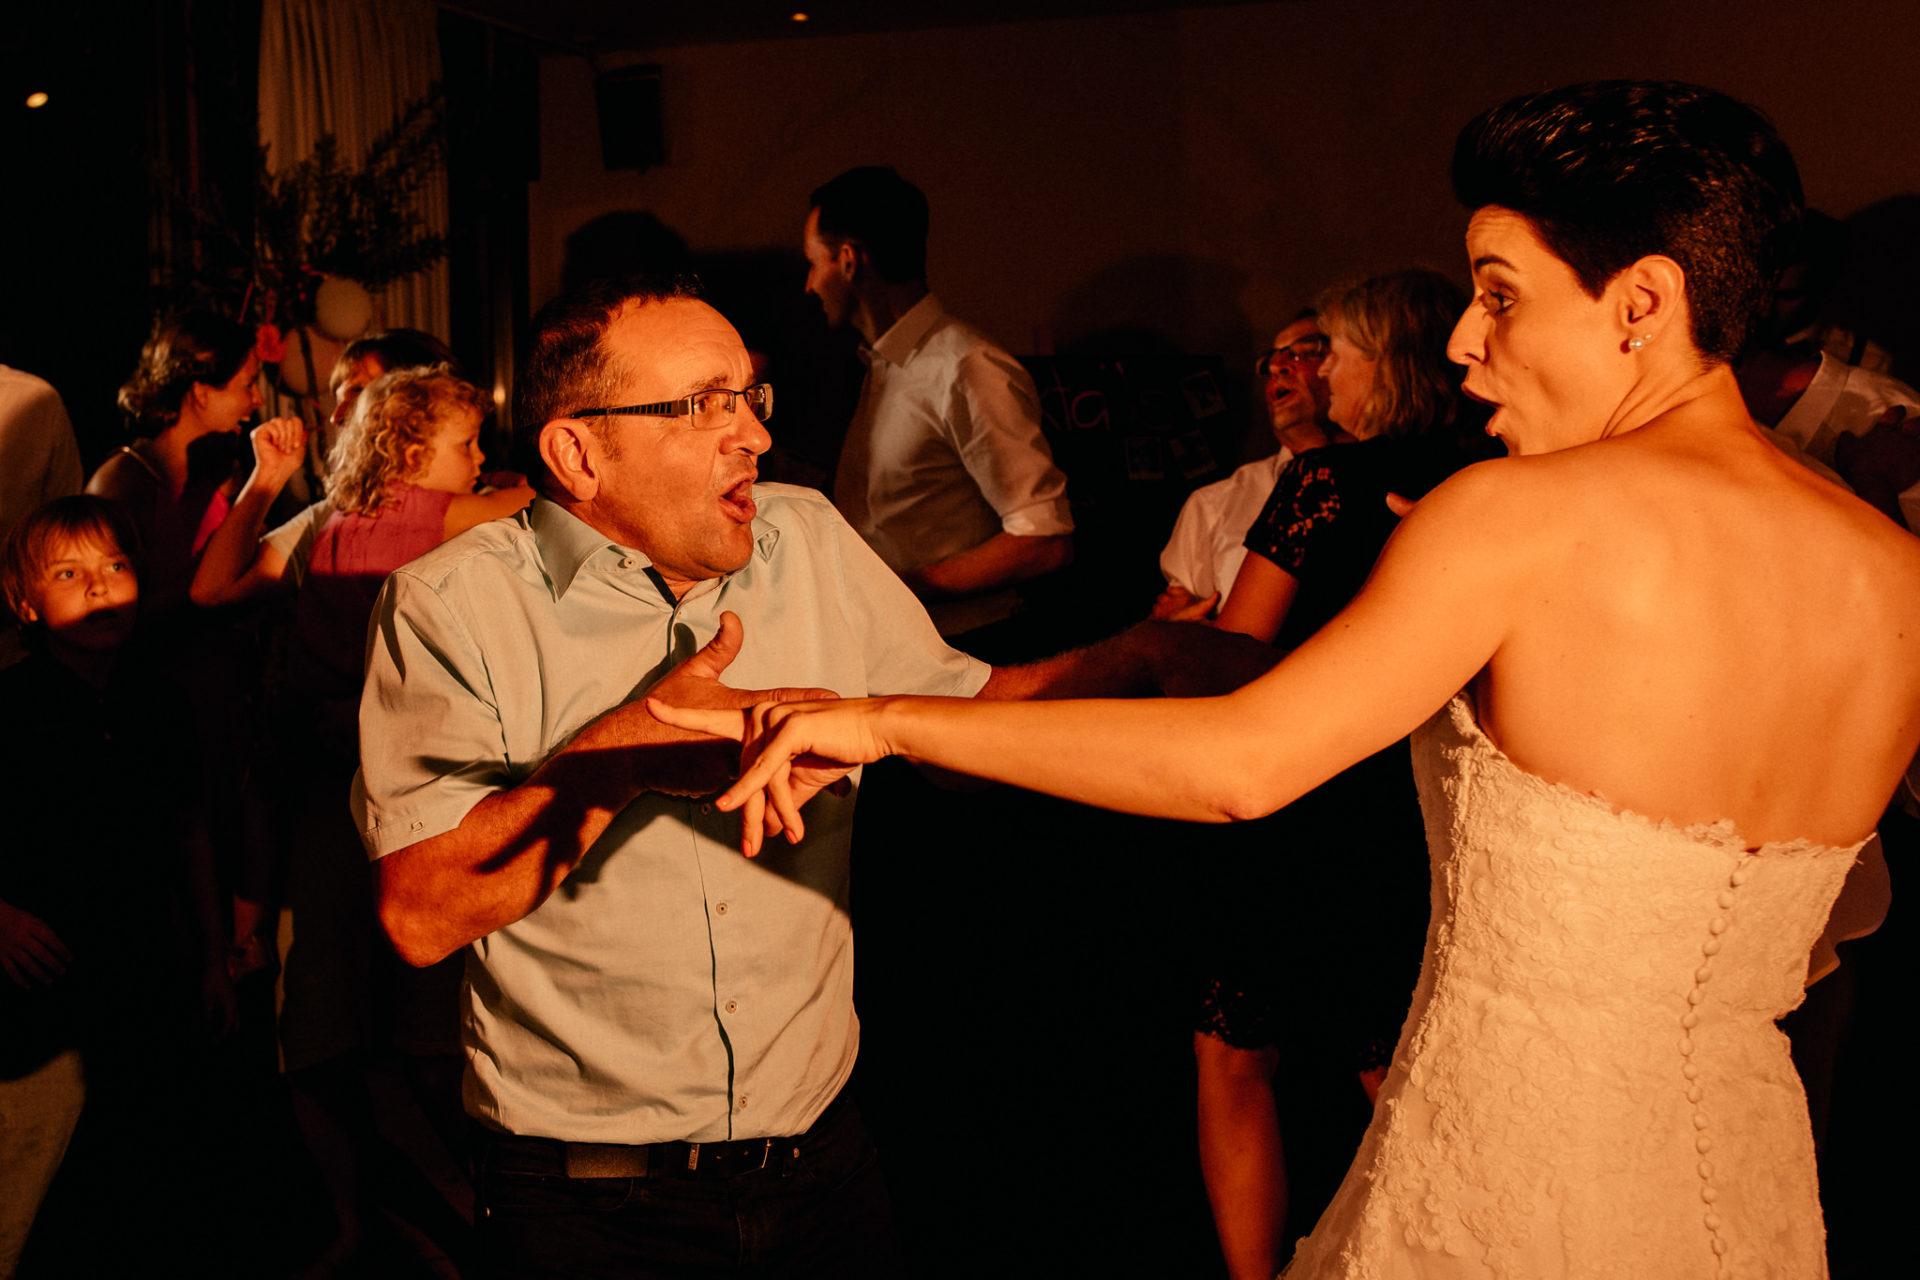 Weingut Fitz Ritter Hochzeitsfotograf-heiraten Pfalz-Sommerhochzeit Tanz Party Braut